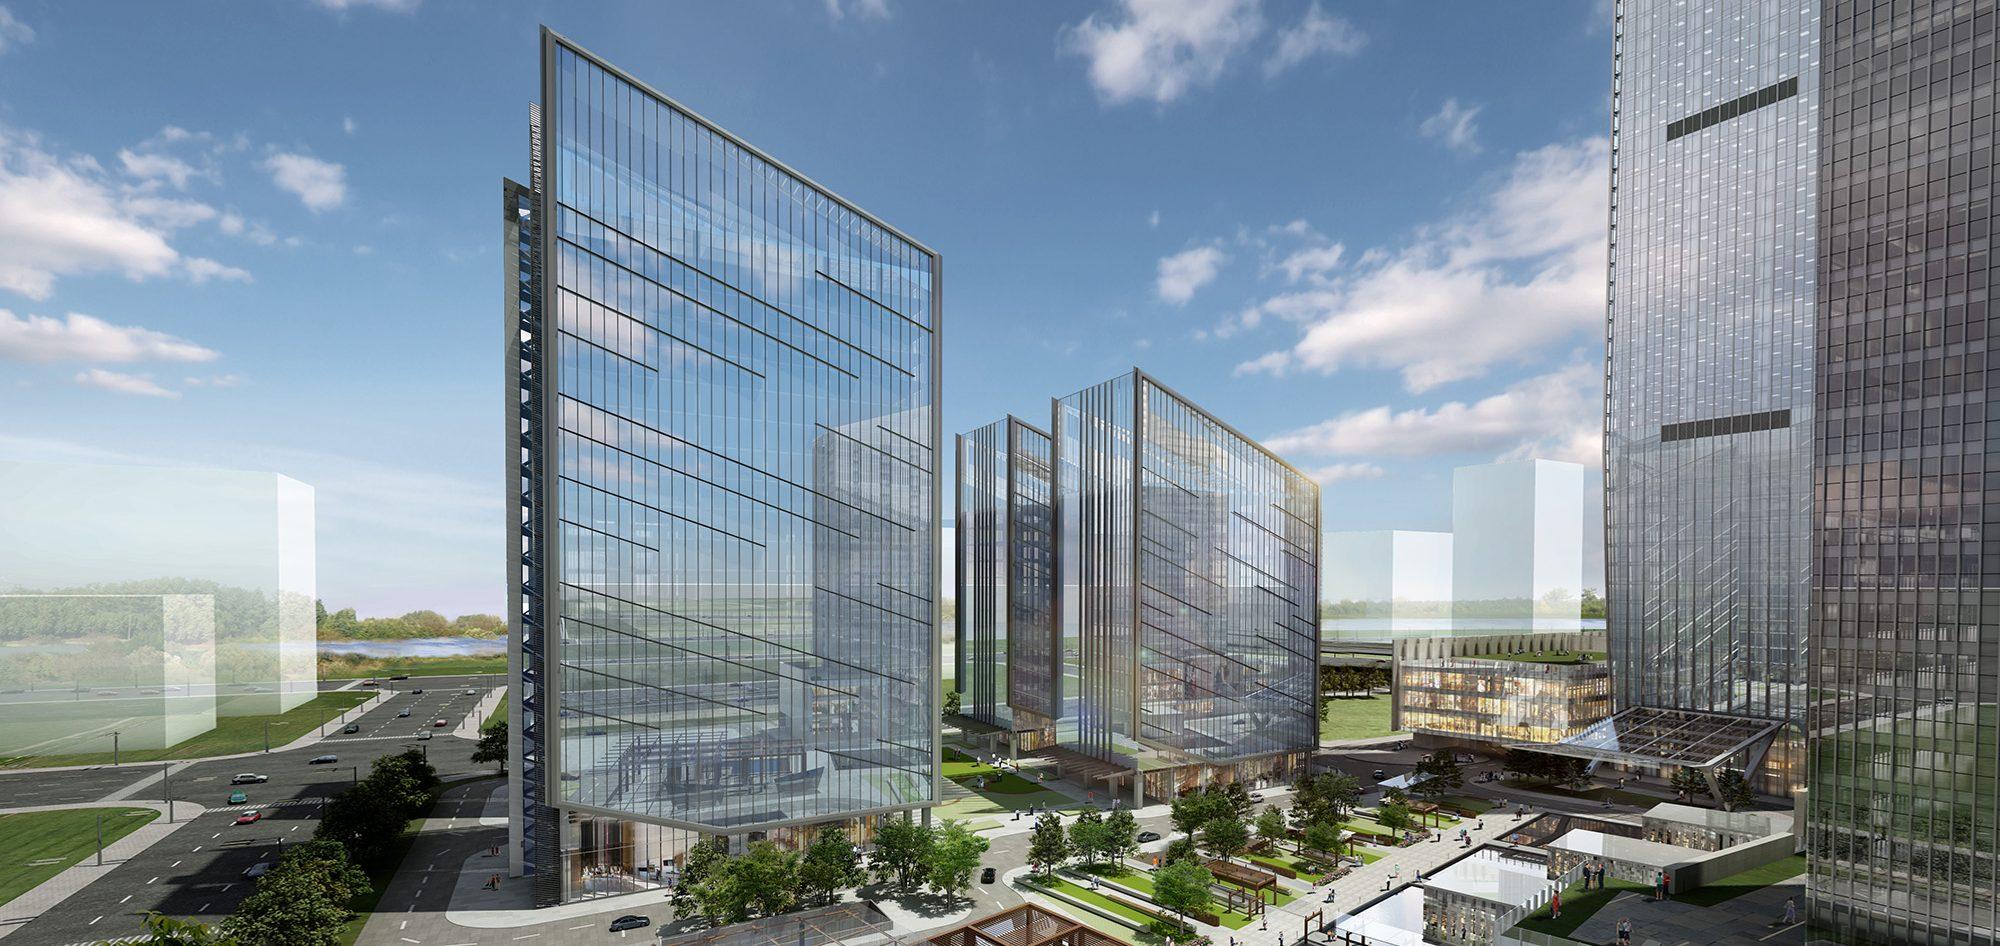 Guangdong-Hong Kong Finance and Technology Park